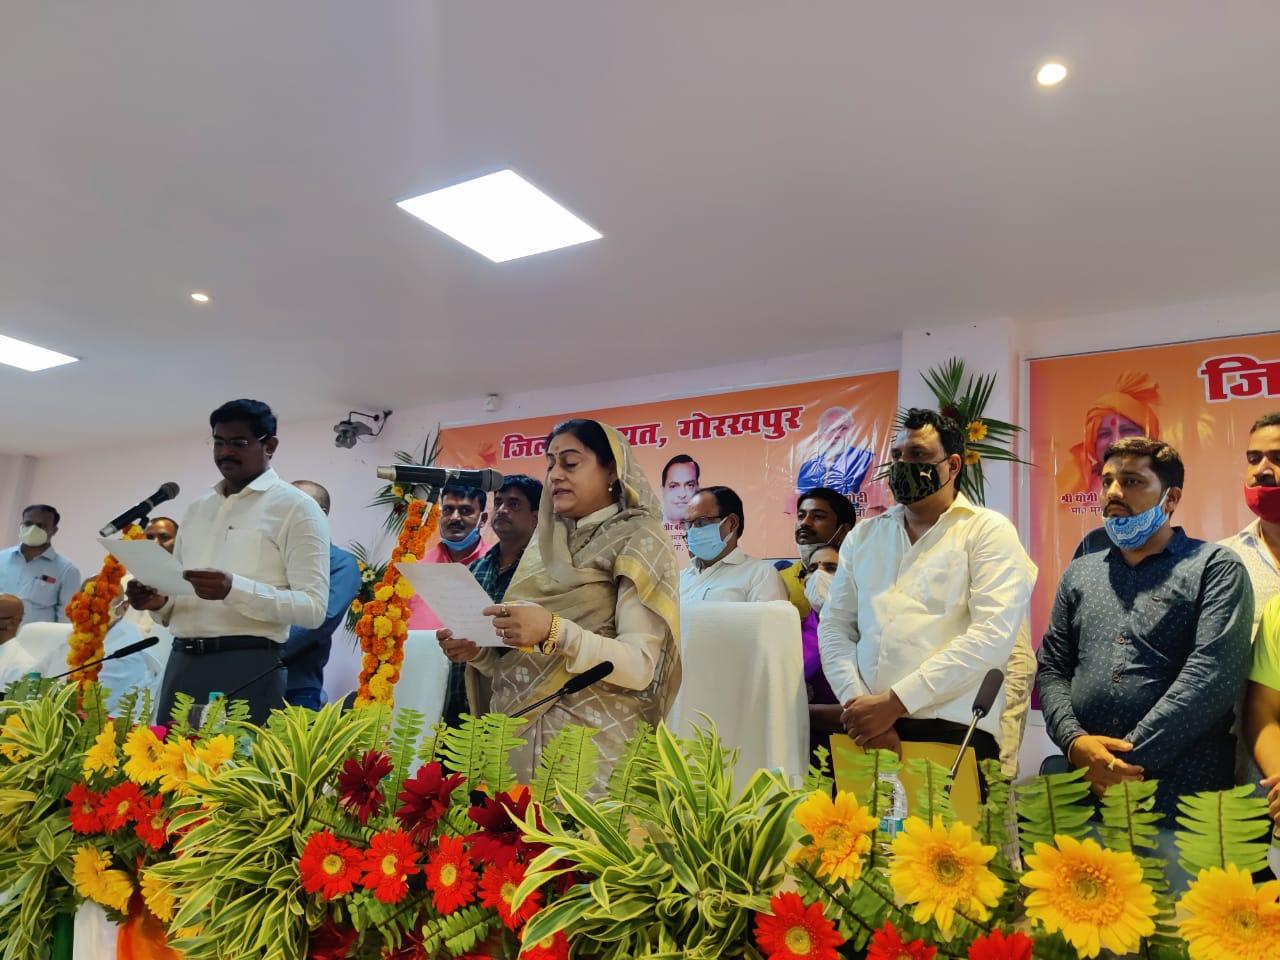 BJP से निर्विरोध निर्वाचित हुई थीं साधना सिंह, 68 जिपं सदस्यों को भी दिलाई गई ली शपथ गोरखपुर,Gorakhpur - Dainik Bhaskar